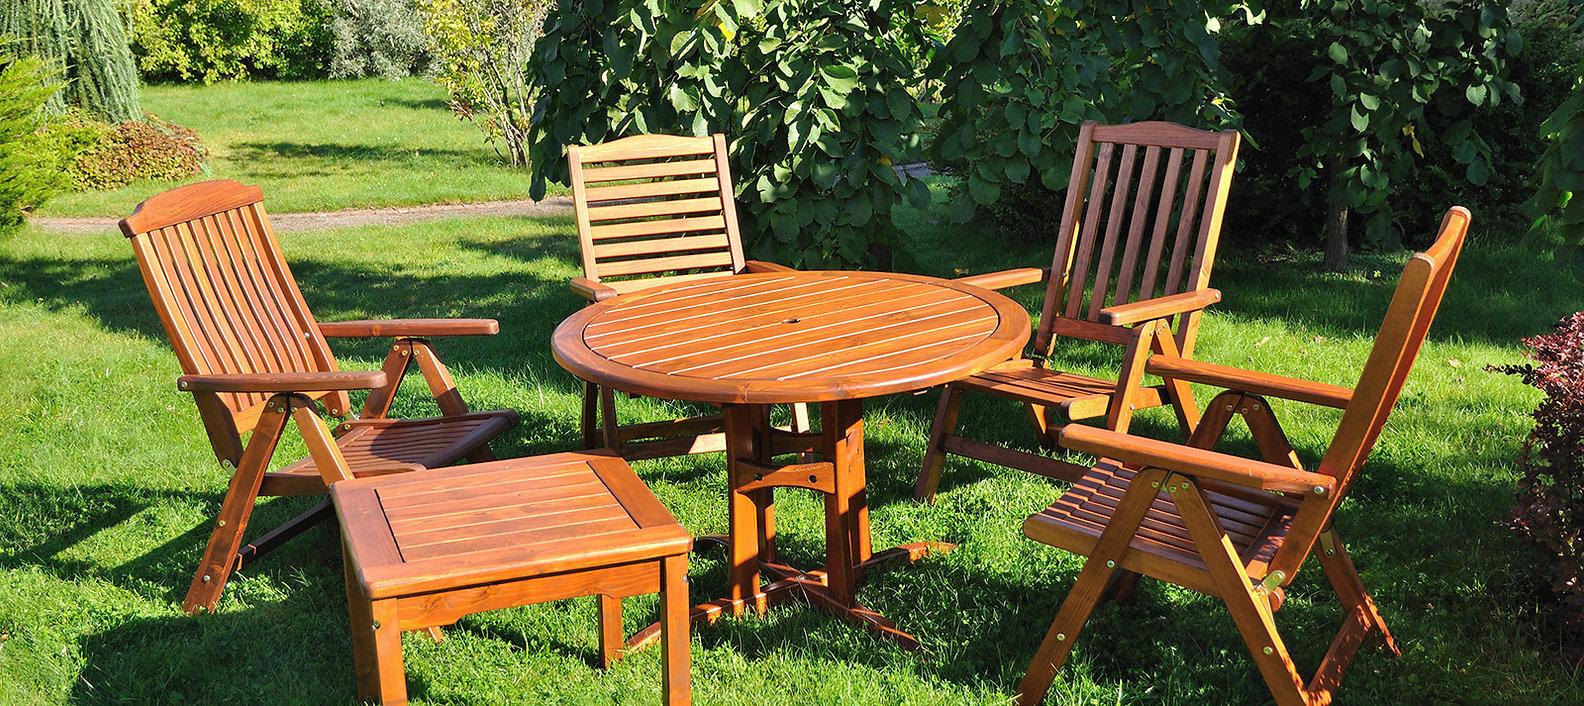 кресла садовые садовая мебель дива.jpg